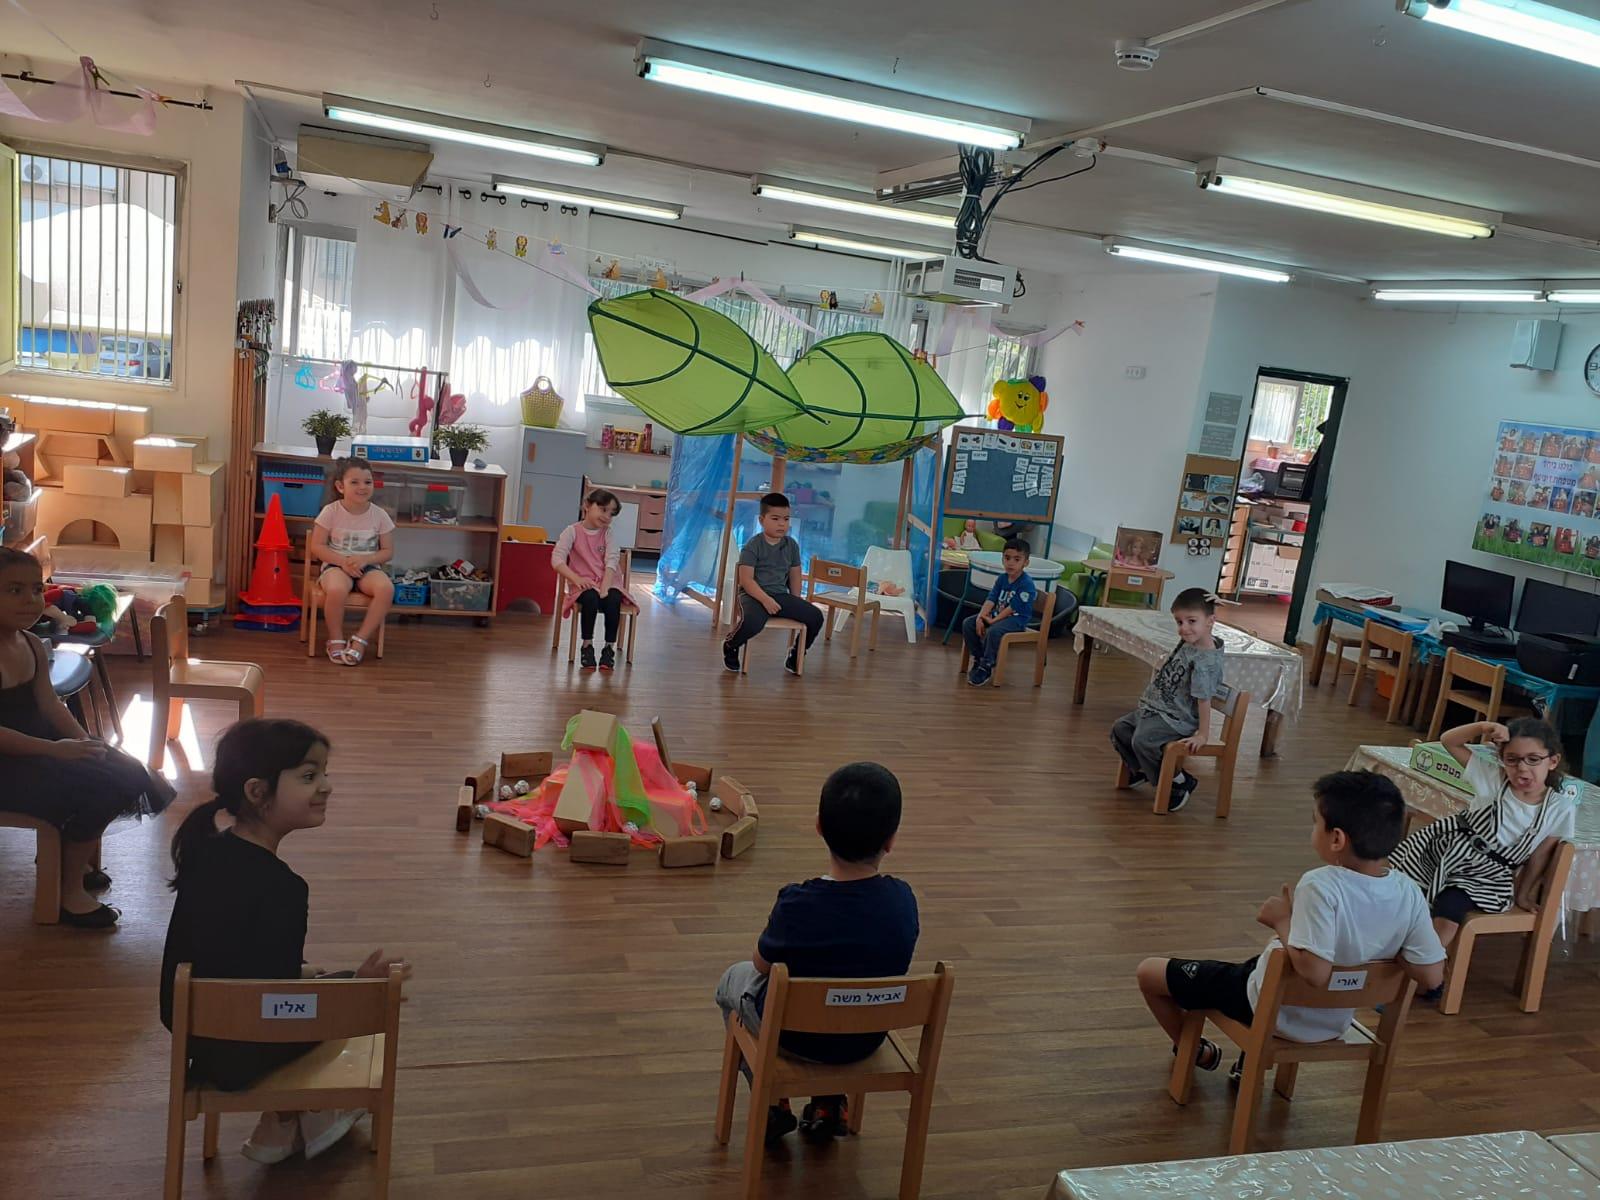 פעילות בגני ילדים עירוניים בחולון בתקופת הקורונה צילום-עיריית חולון (1)